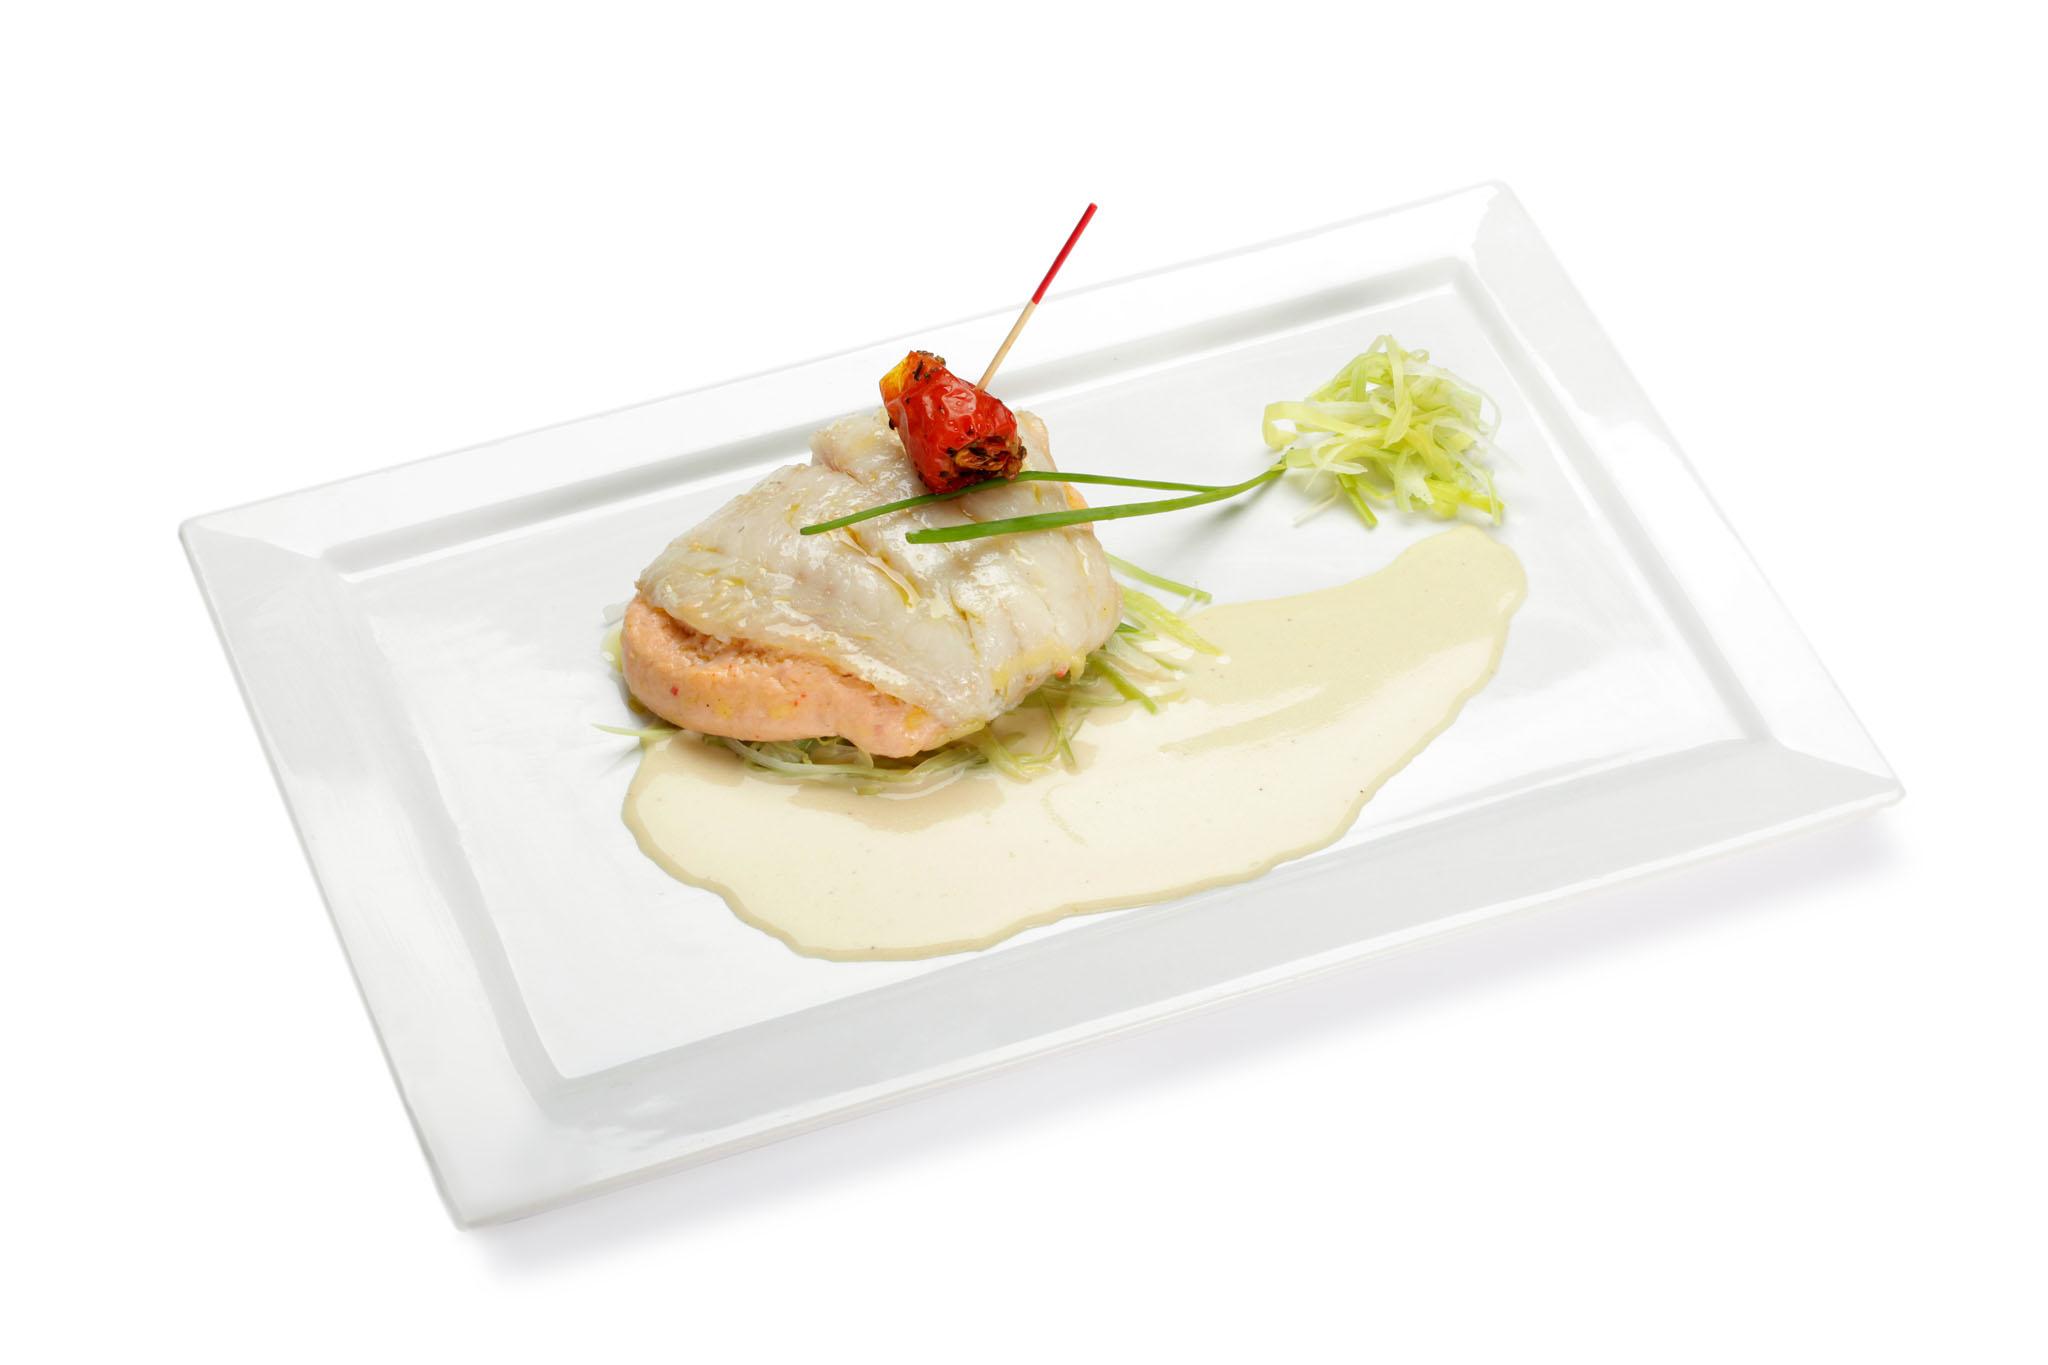 filet de rouget grondin souffl de homard sauce champagne boutique erisay traiteur. Black Bedroom Furniture Sets. Home Design Ideas